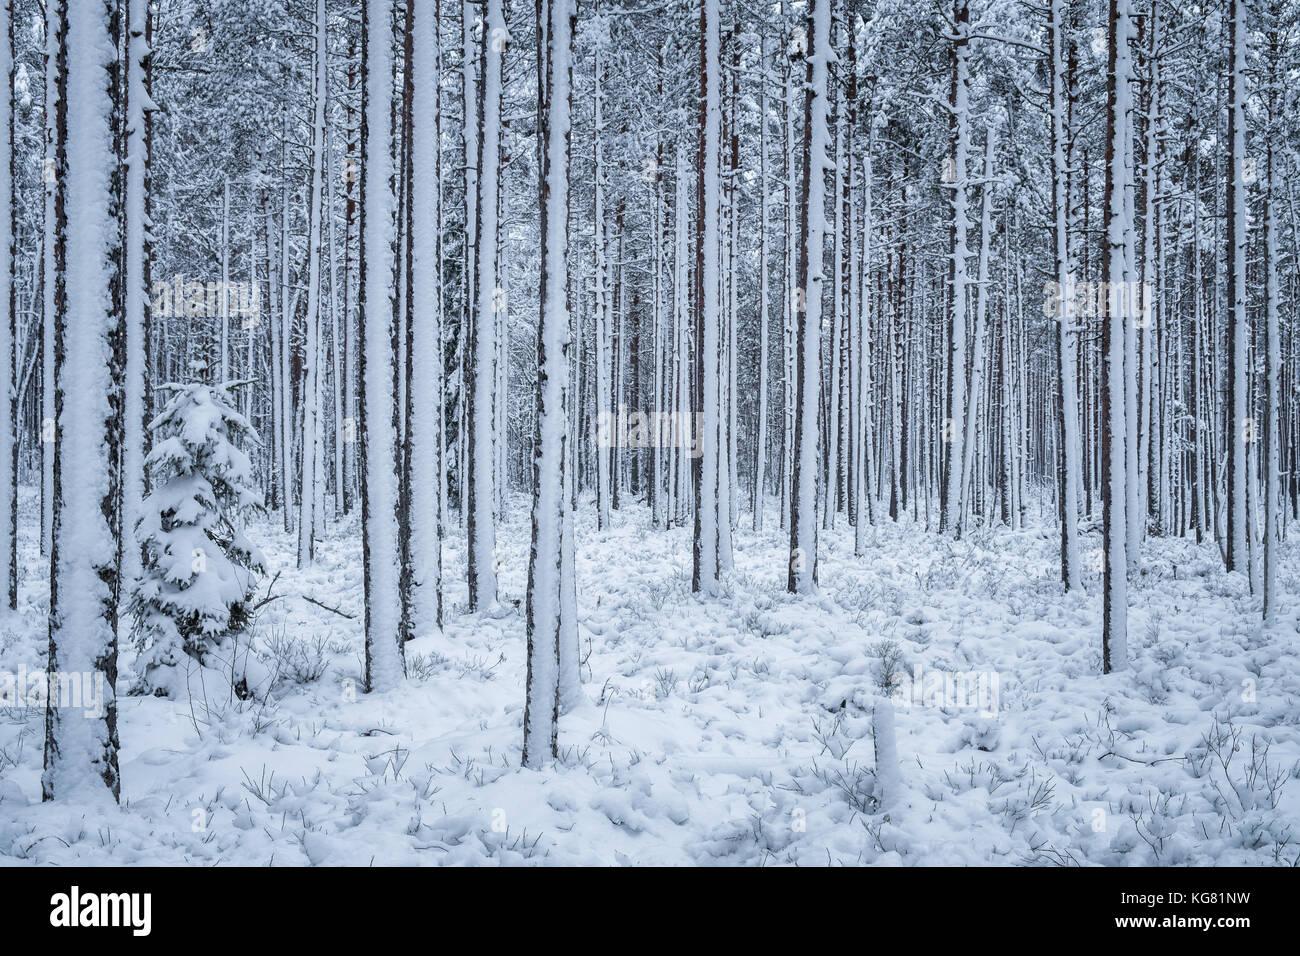 Der erste Schnee schneit im Winter abends im Wald Finnland Stockbild